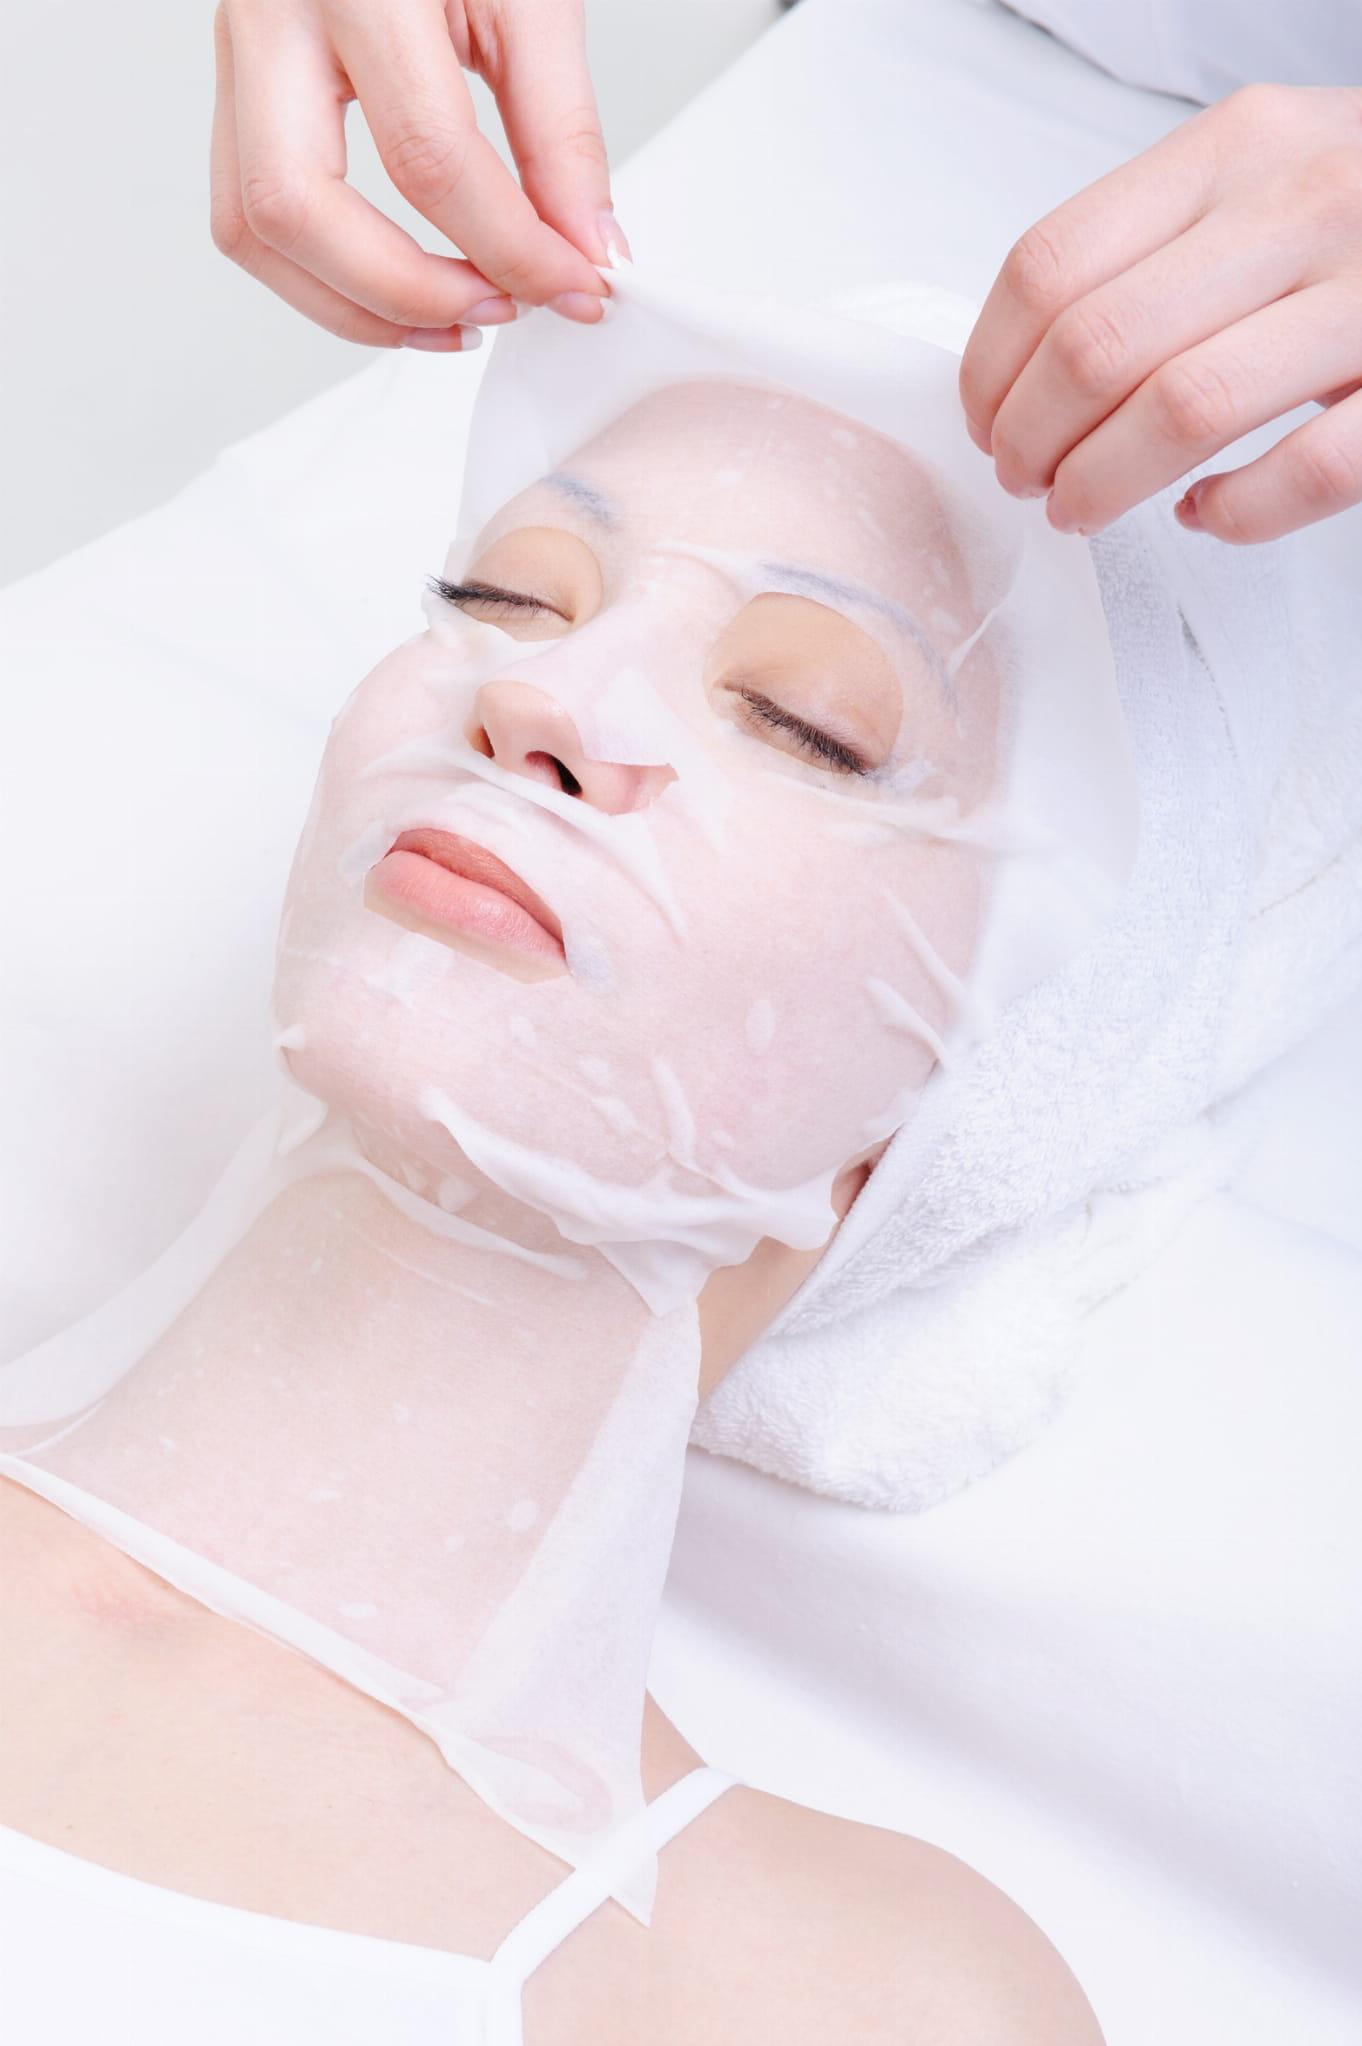 Как из марли сделать маску для лица